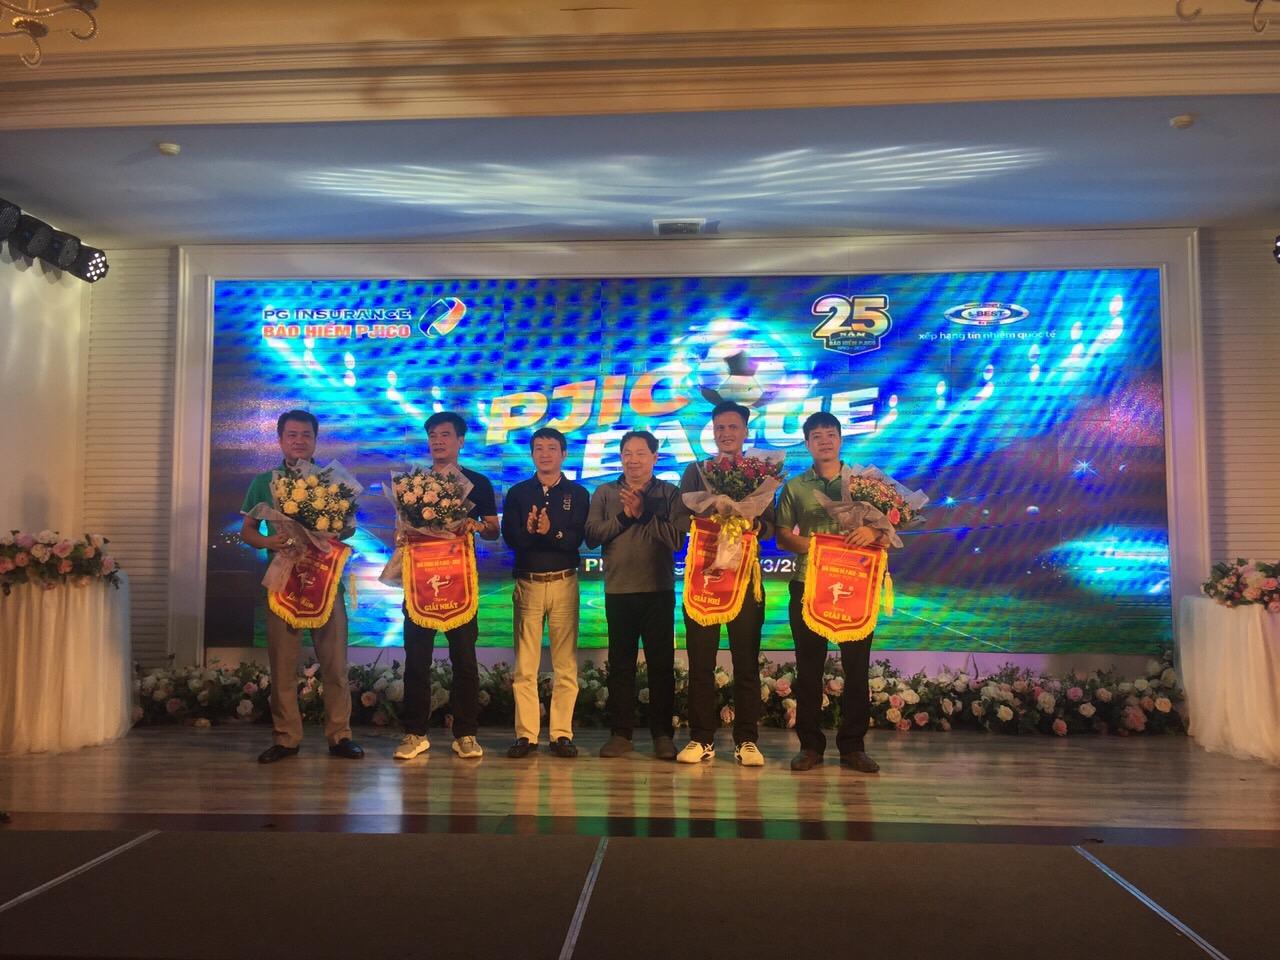 PJICO tổ chức Giải bóng đá chào mừng kỷ niệm 25 năm thành lập Tổng Công ty